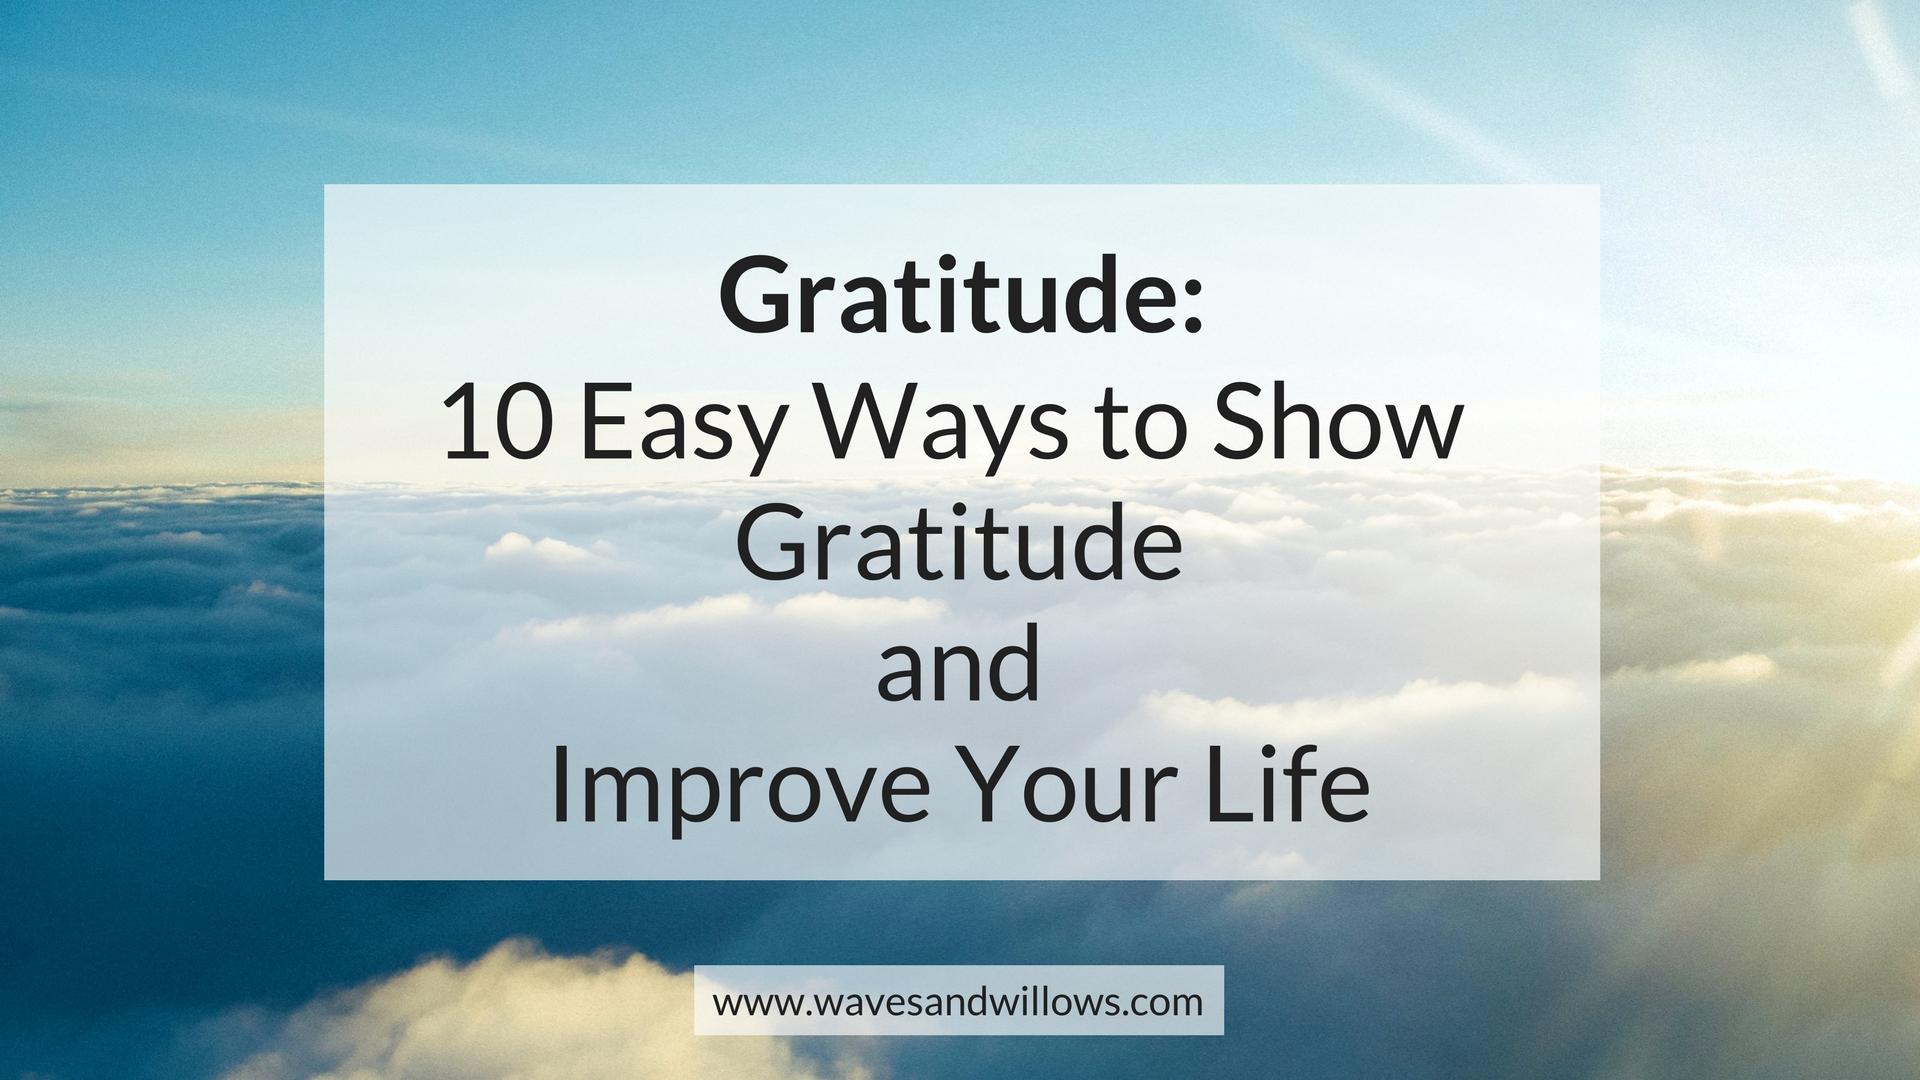 Gratitude: 10 Easy Ways to Show Gratitude and Improve Your Life - www.wavesandwillows.com